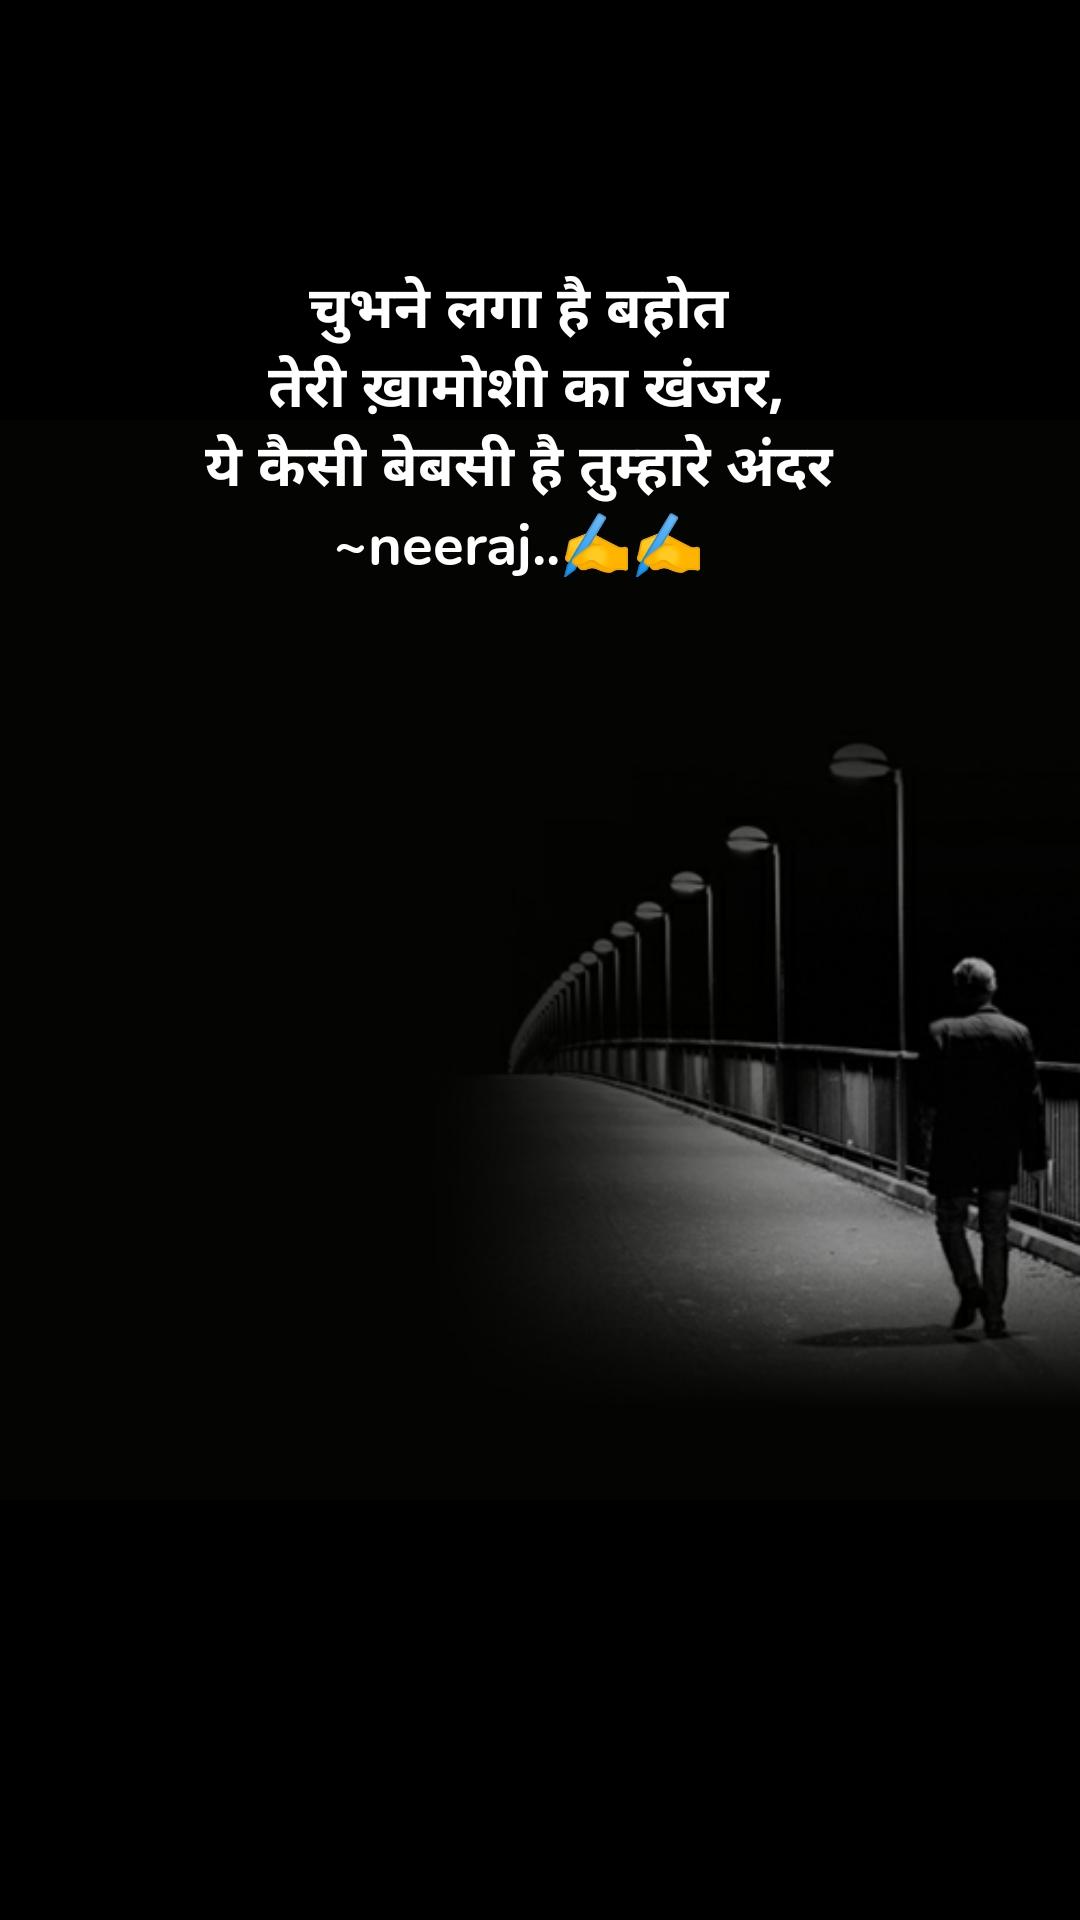 चुभने लगा है बहोत  तेरी ख़ामोशी का खंजर, ये कैसी बेबसी है तुम्हारे अंदर ~neeraj..✍️✍️